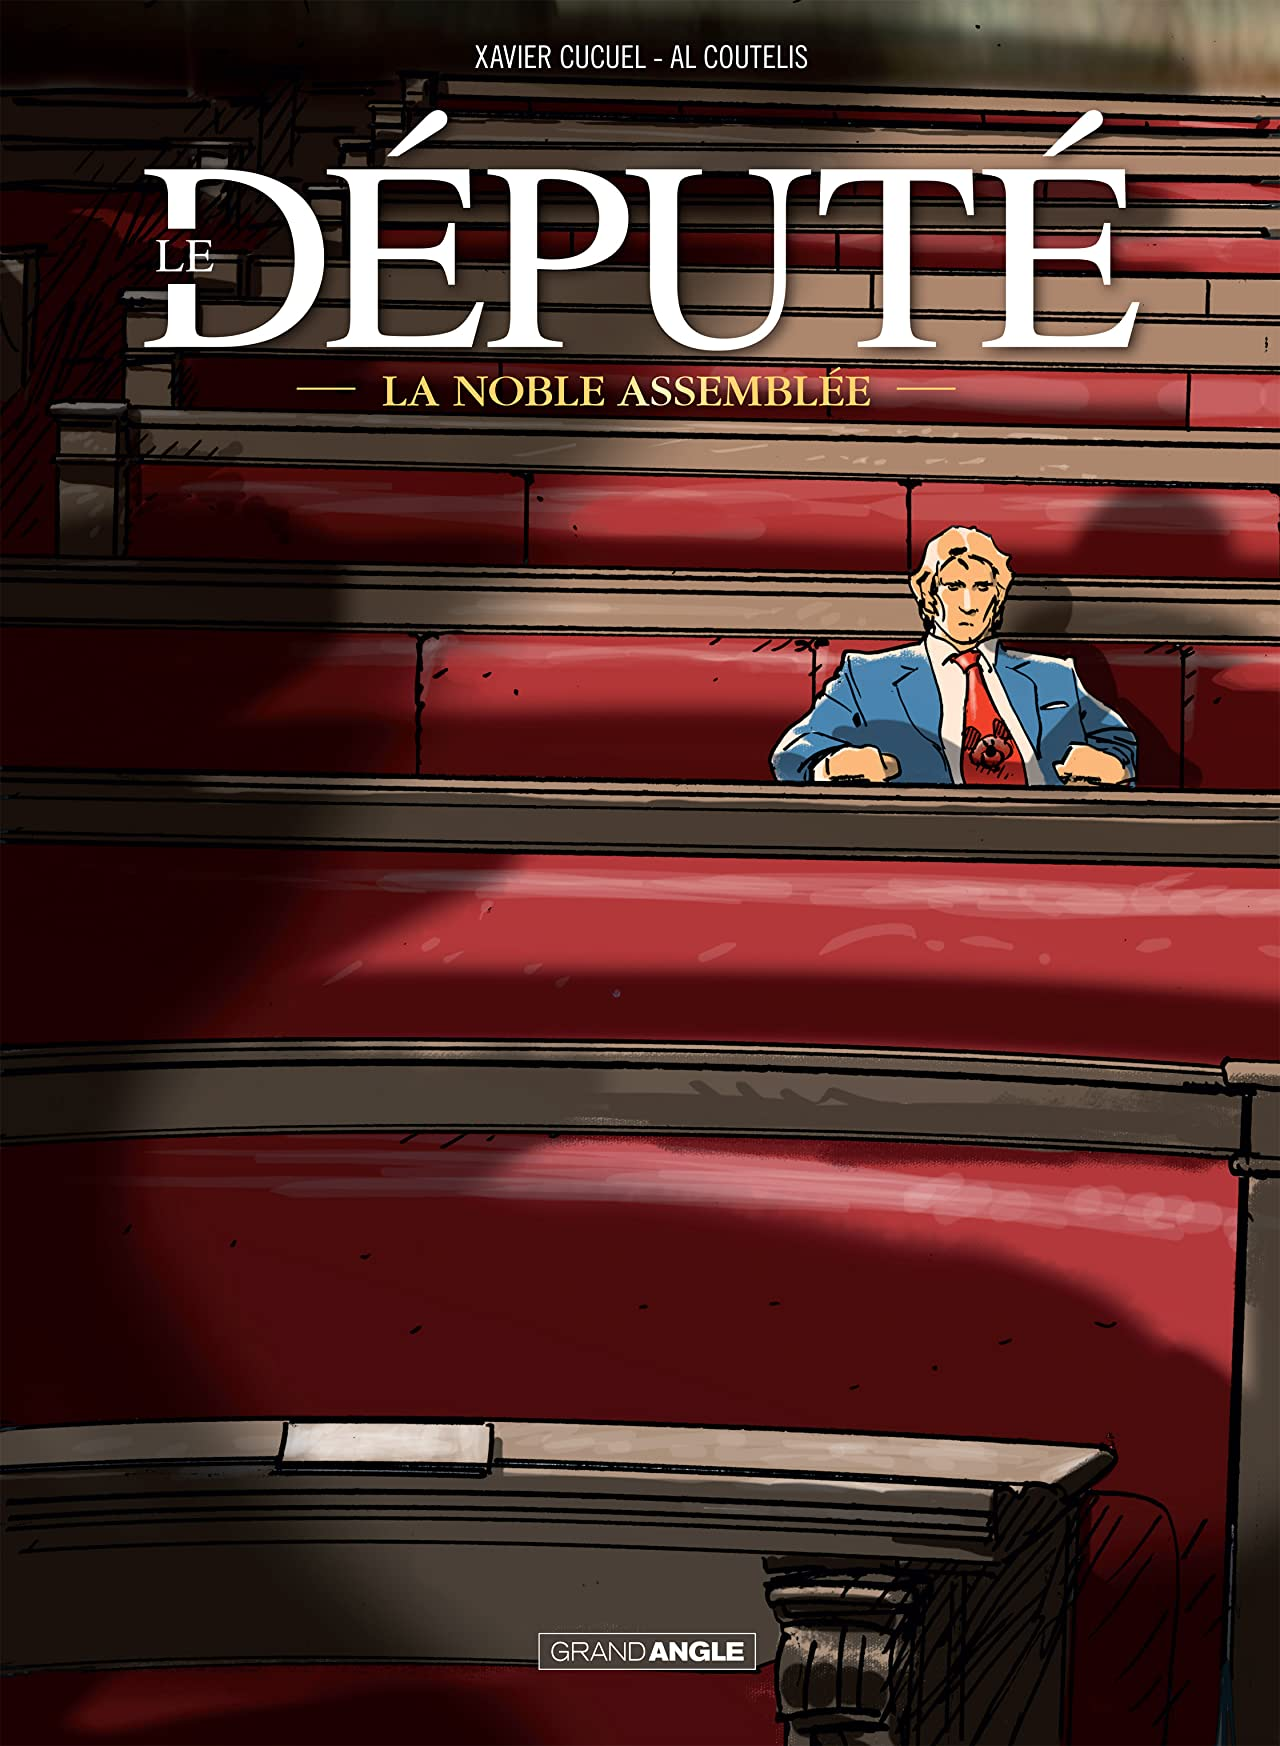 Le Député Vol. 1: La noble assemblée